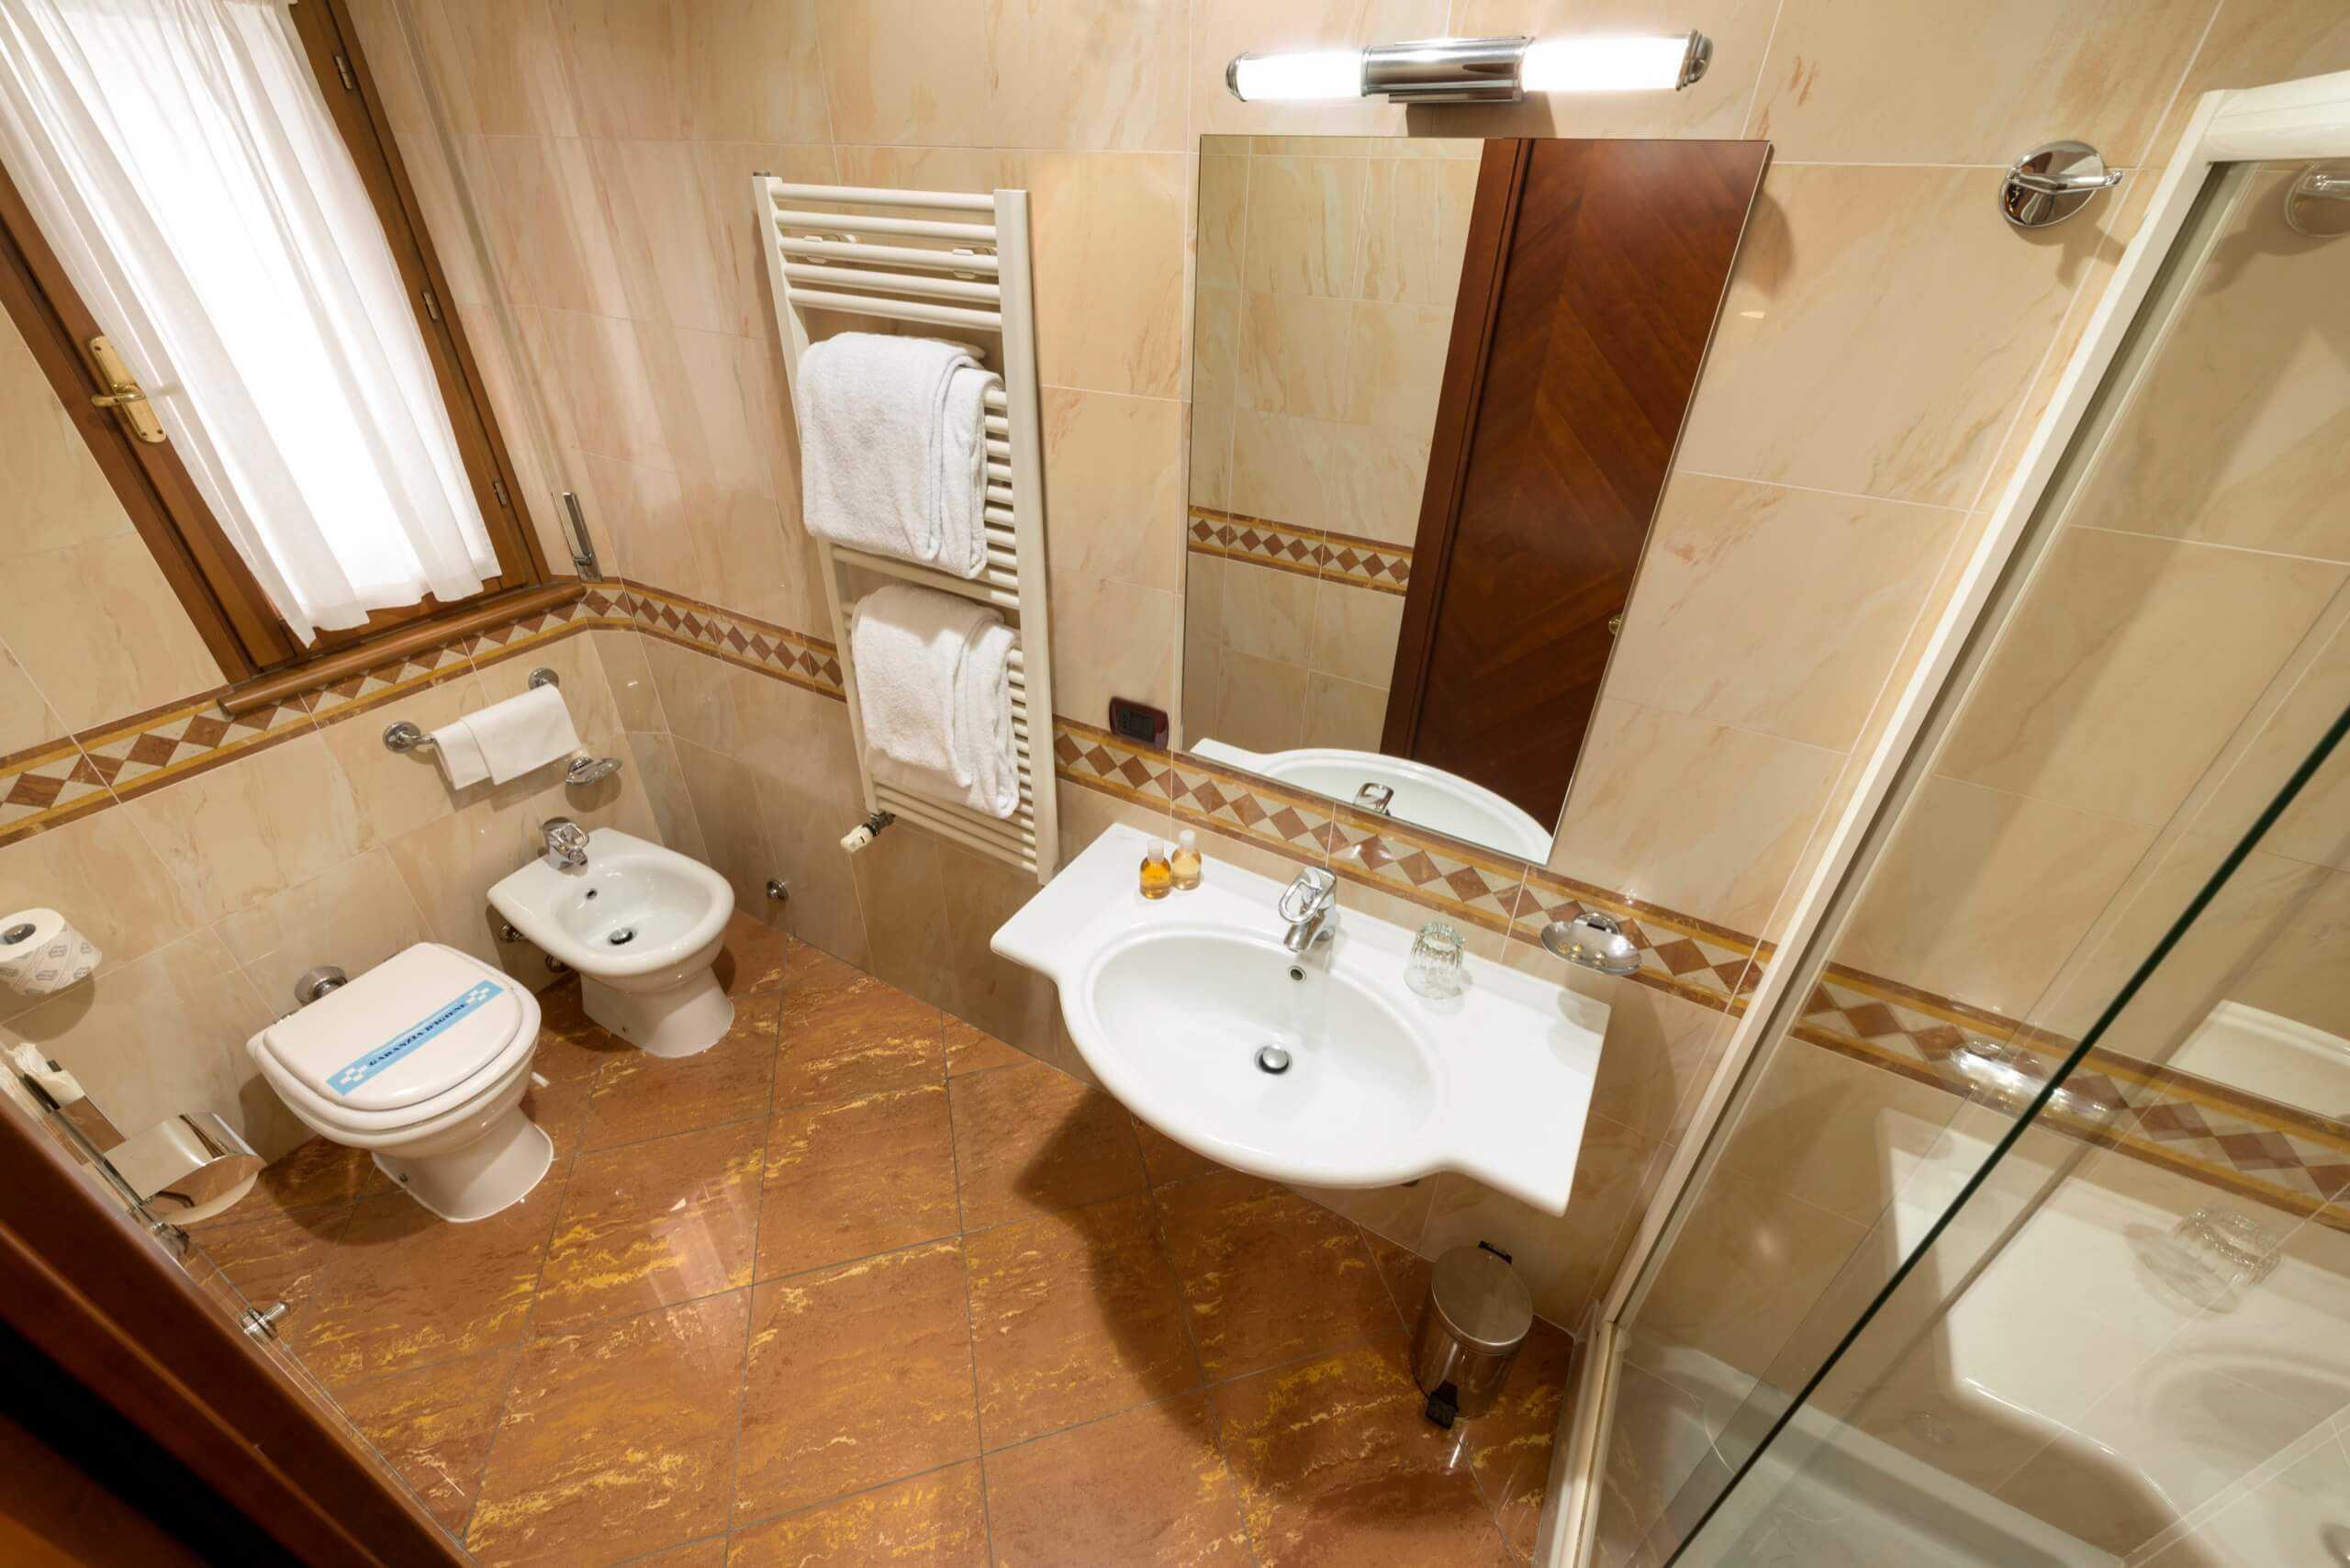 Una Vasca Da Bagno Traduzione Francese : Stanza da bagno alla francese camere economy con letto alla